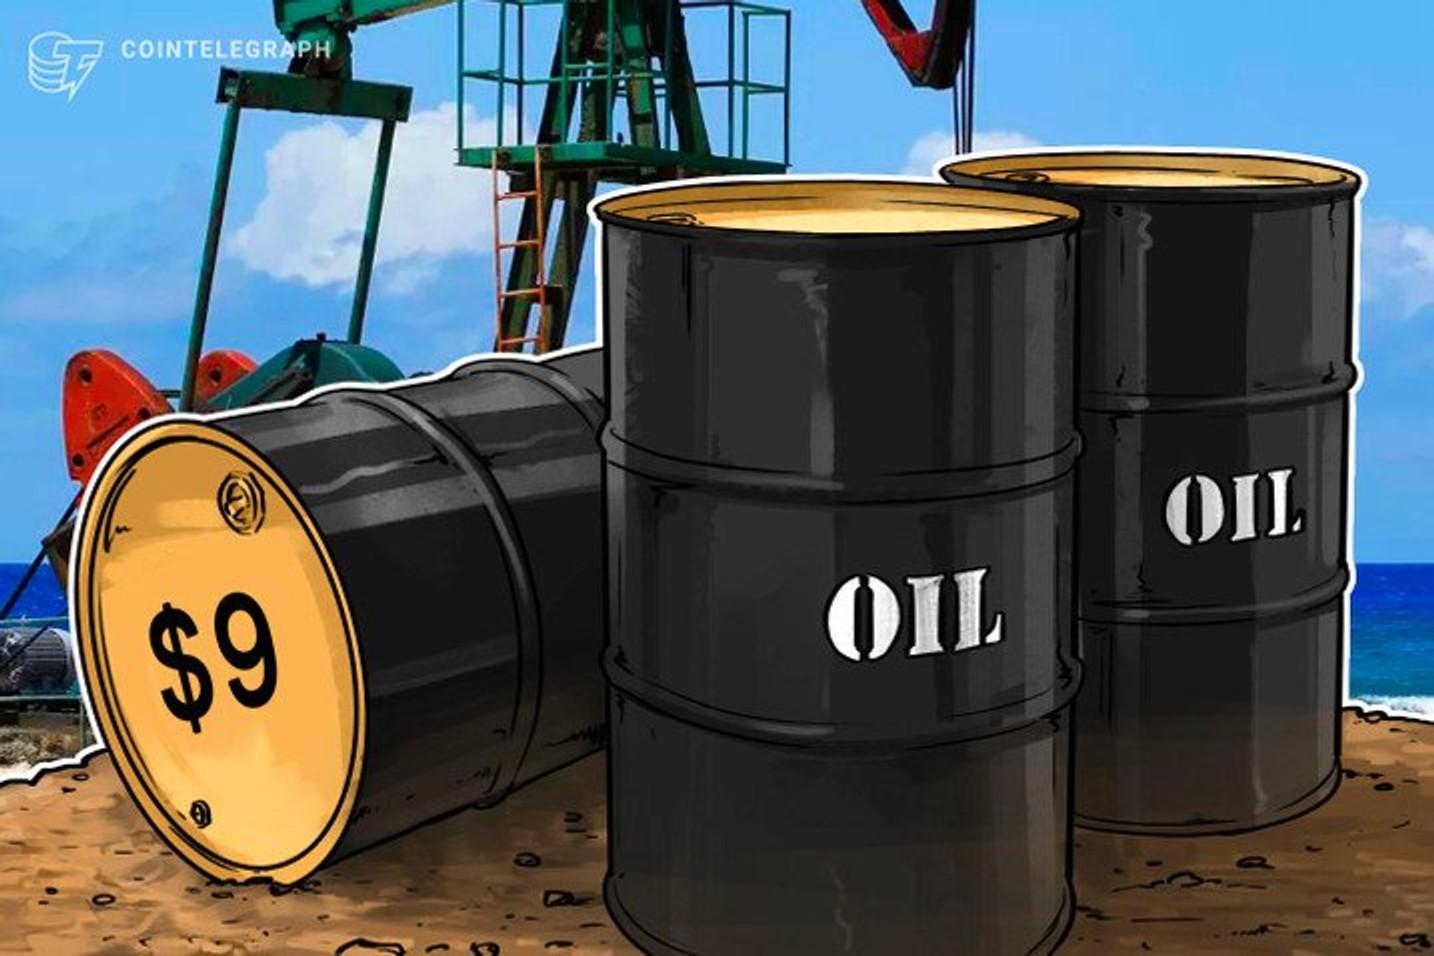 Contratos de Petróleo derretem e são negociados abaixo de US$ 0, com queda de mais de 100% pela primeira vez na história